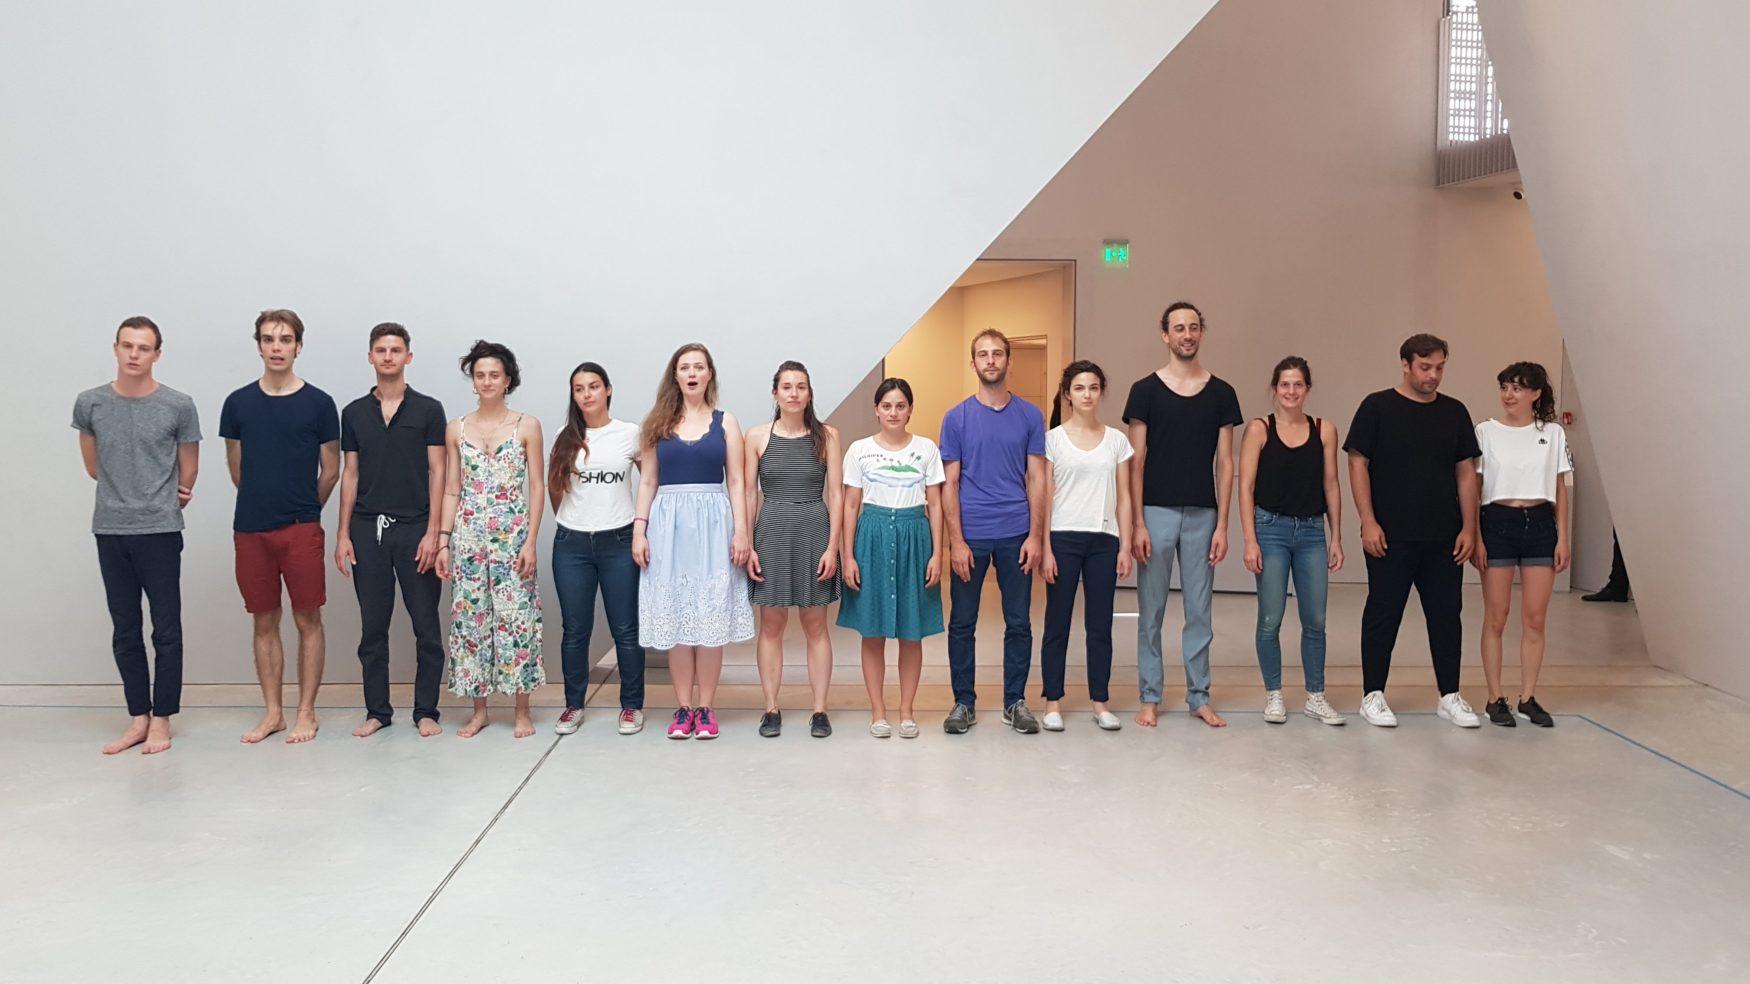 La Biennale di Venezia, masterclass - Vincent Thomasset